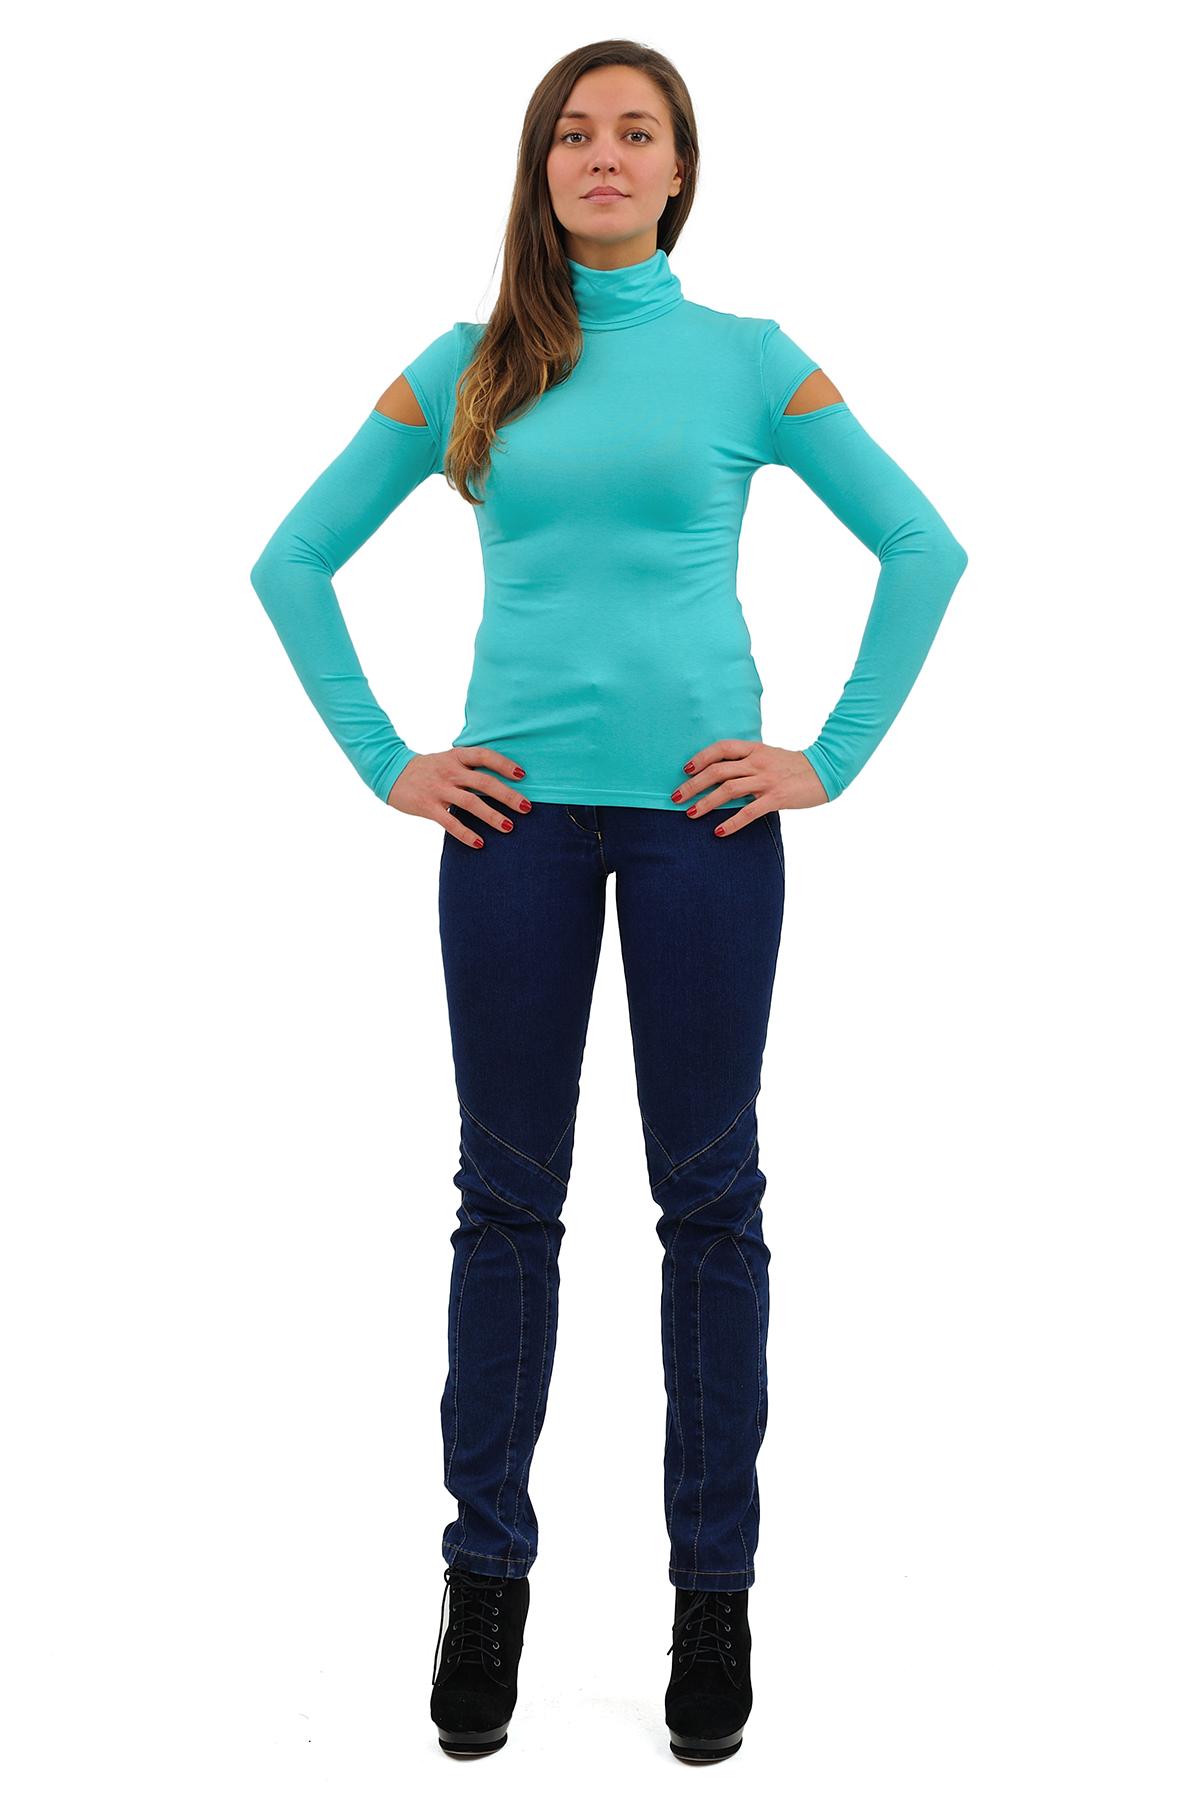 ВодолазкаТрикотаж<br>Модель облегающего покроя с воротником-стойкой, длинными рукавами. Выполнена из прекрасного мягкого трикотажа . Отличный вариант для создания повседневного стильного образа.<br><br>Цвет: голубой<br>Состав: 92% вискоза, 8% лайкра<br>Размер: 40,42,44,46,48,50,52,54,56,58,60<br>Страна дизайна: Россия<br>Страна производства: Россия